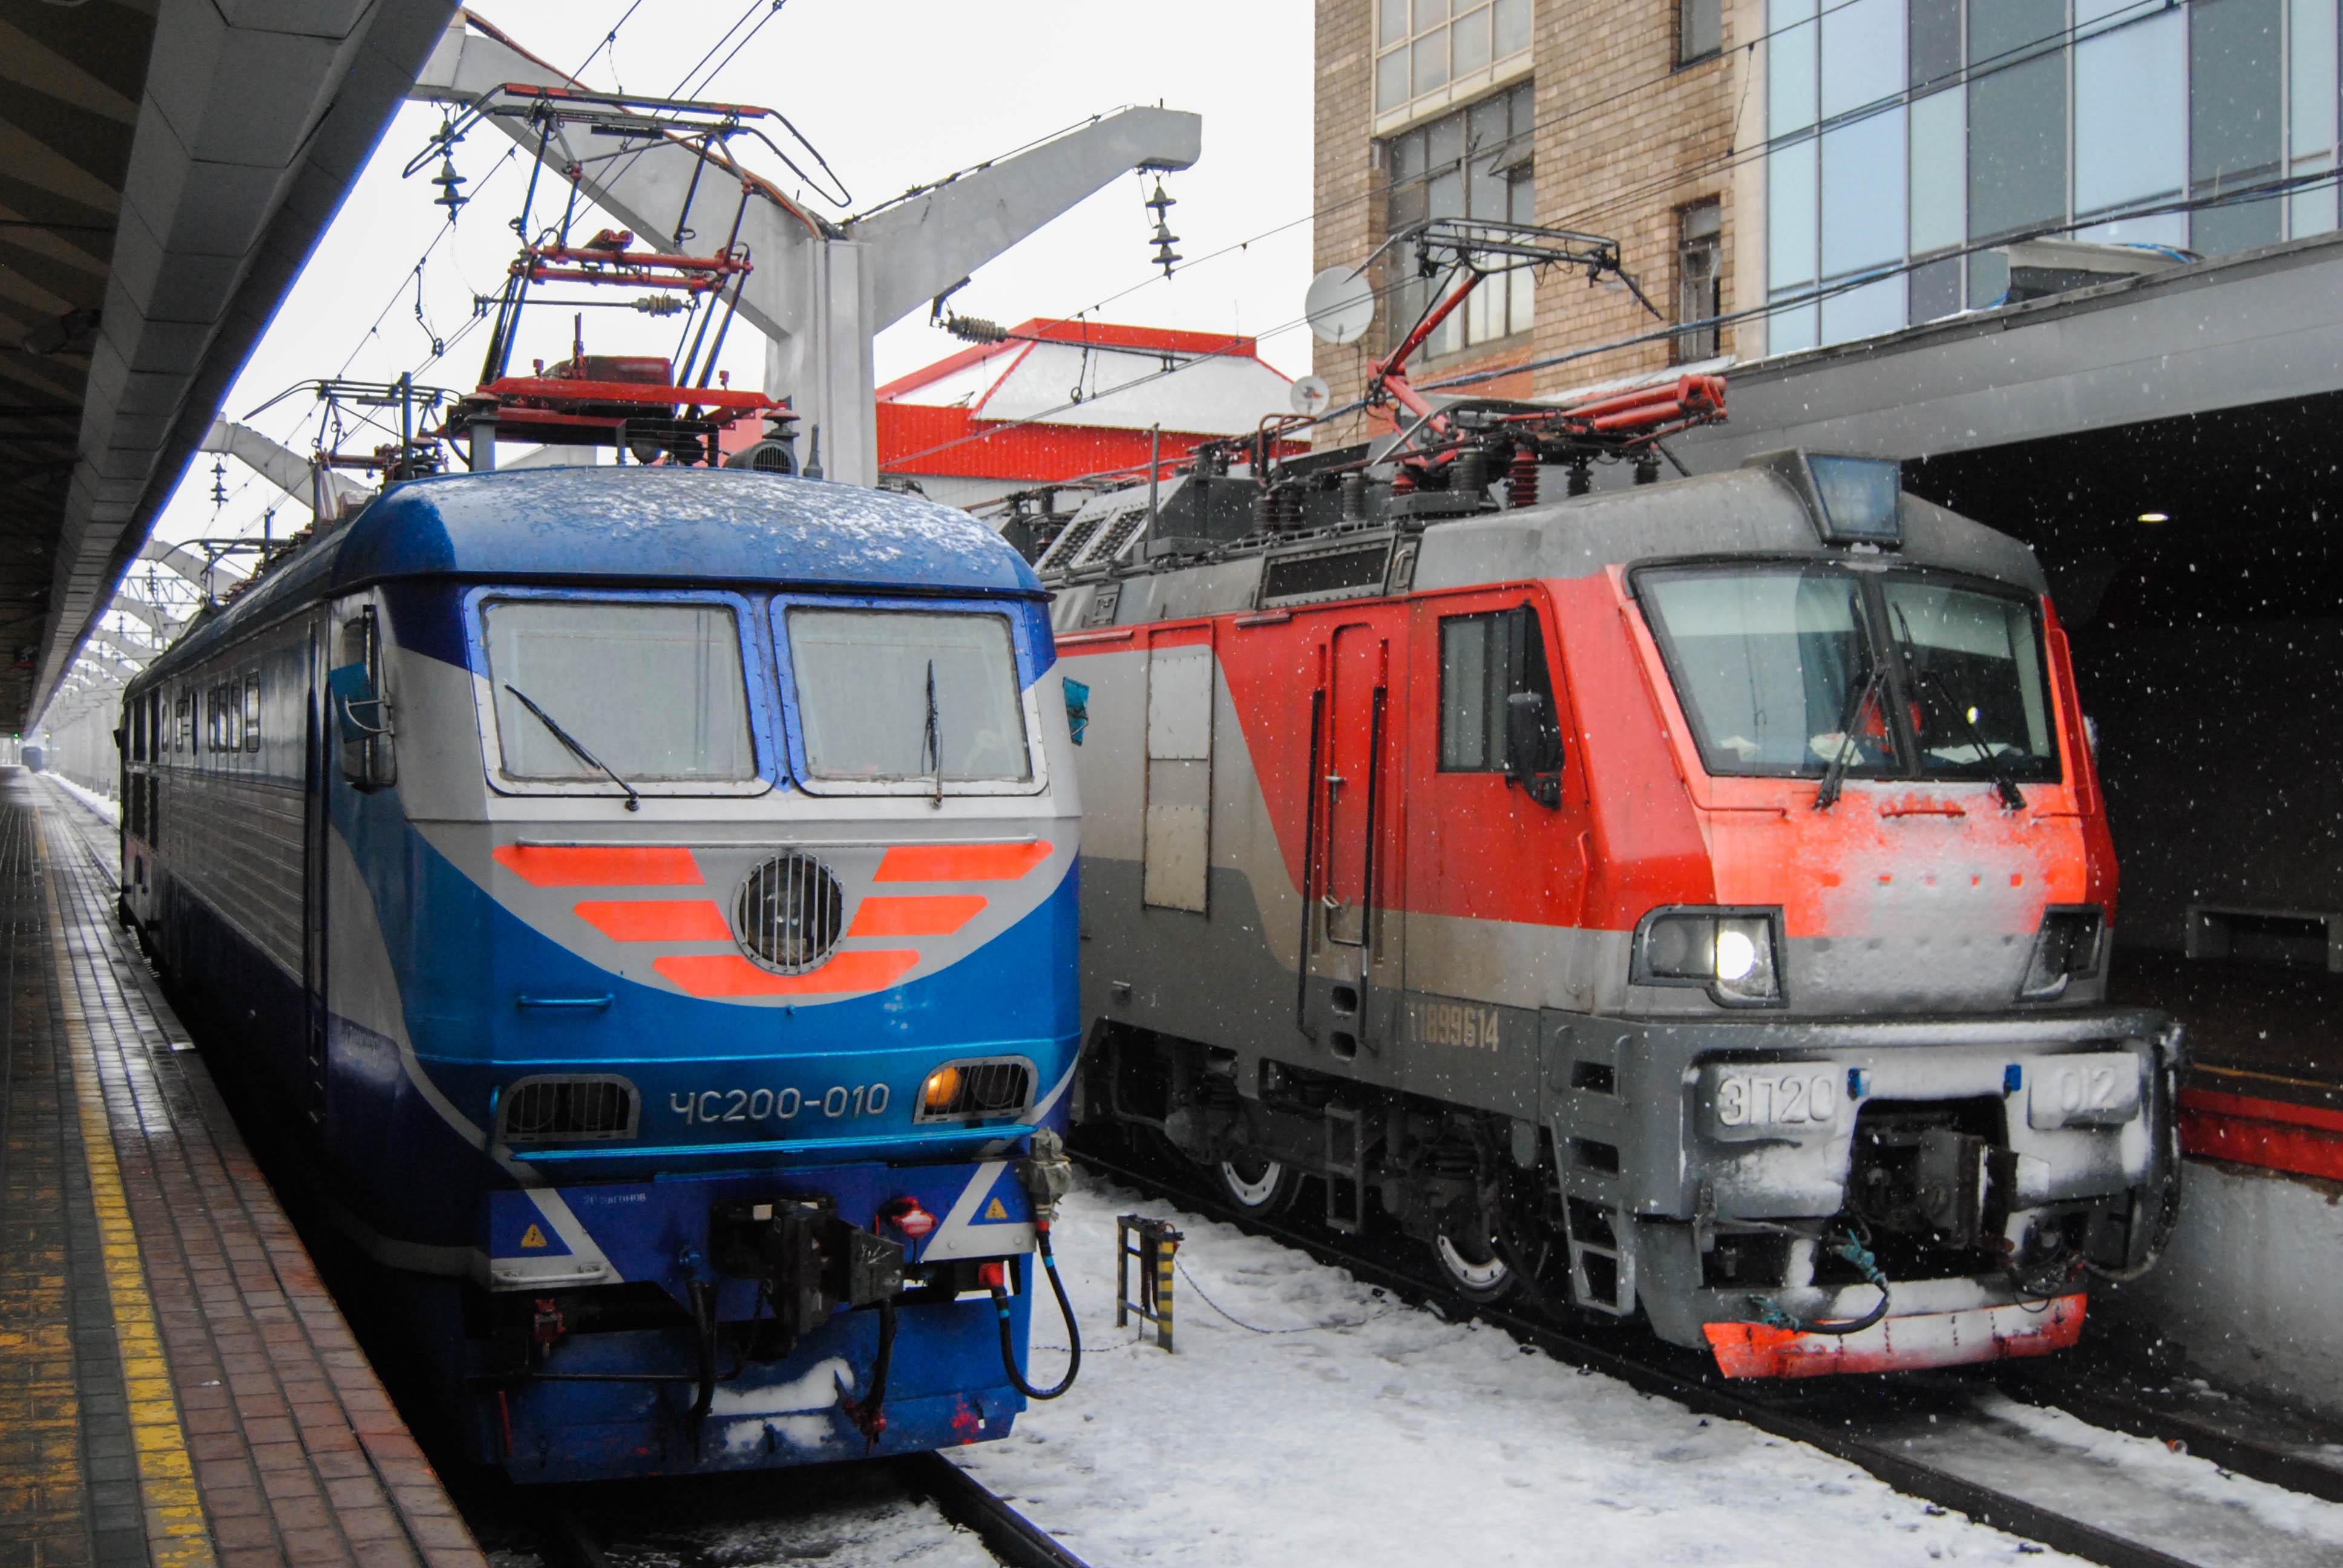 ленинград 010 схема и описание